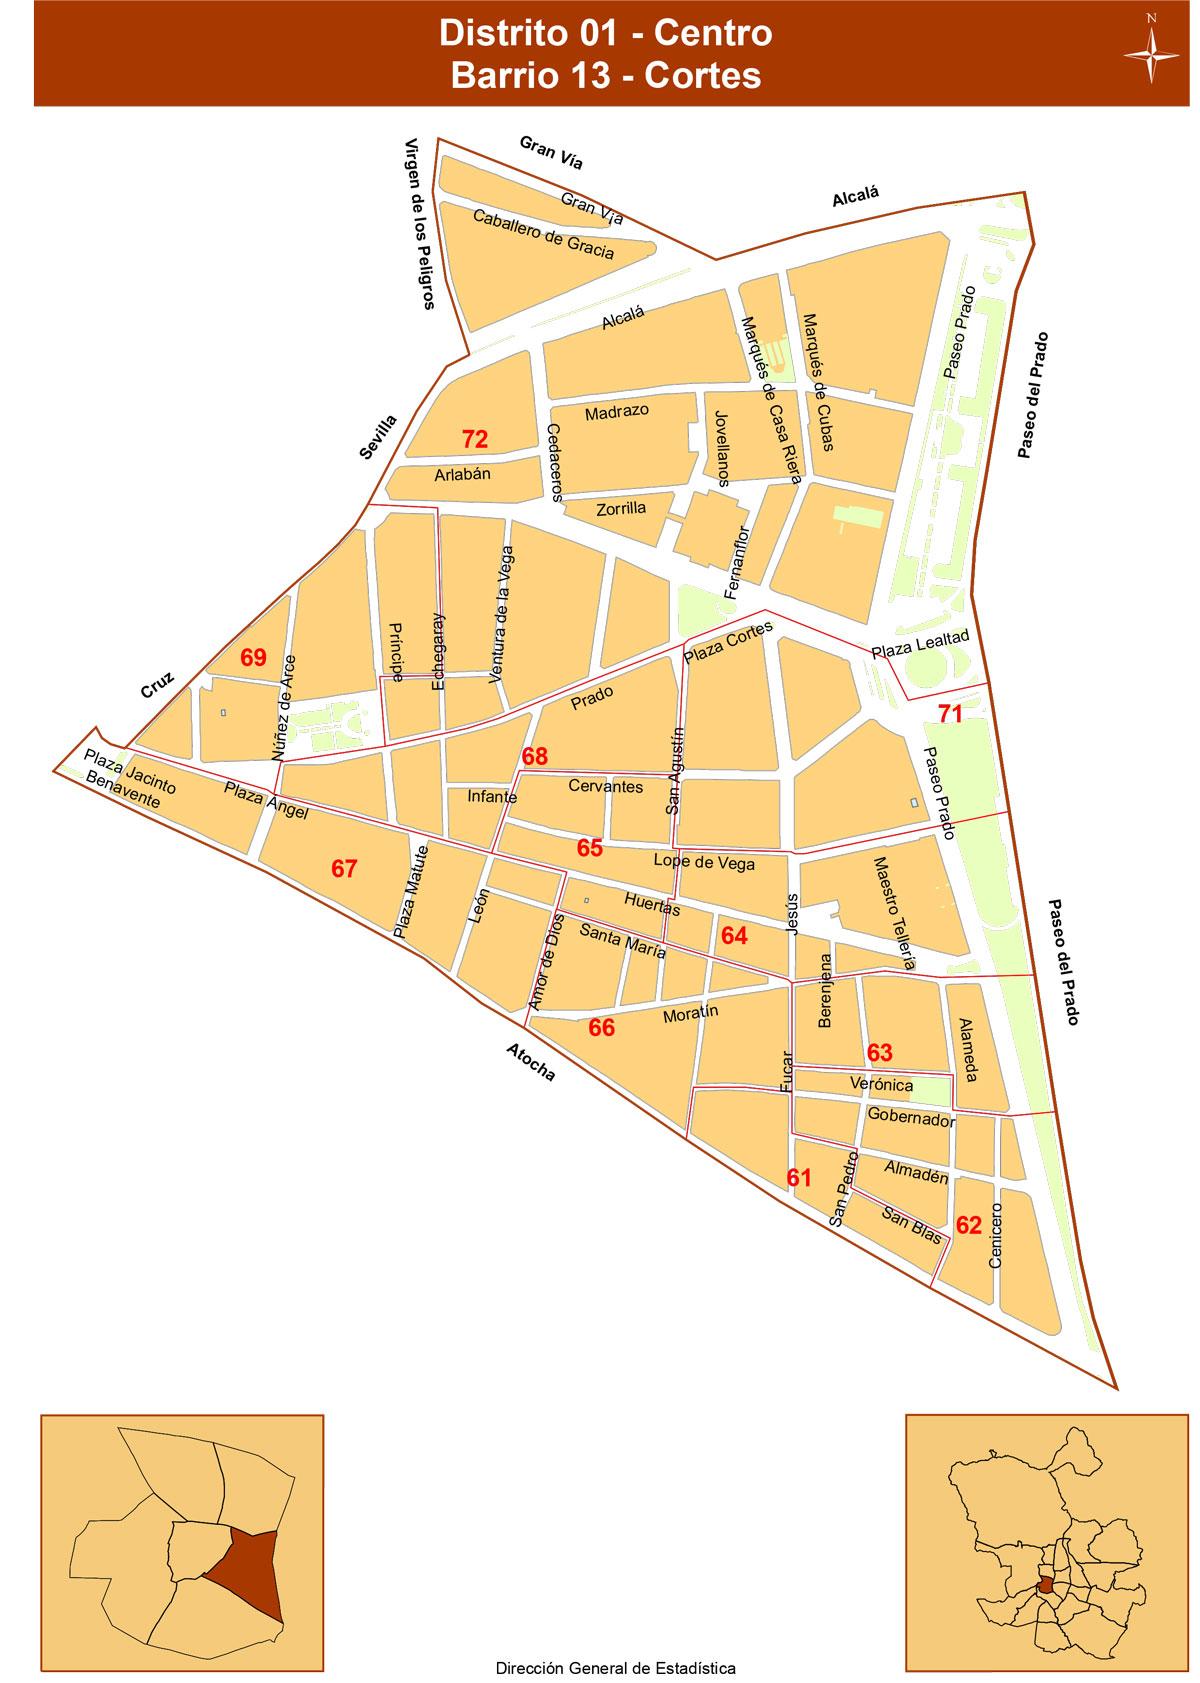 barrio-cortes-distrito-centro-madrid